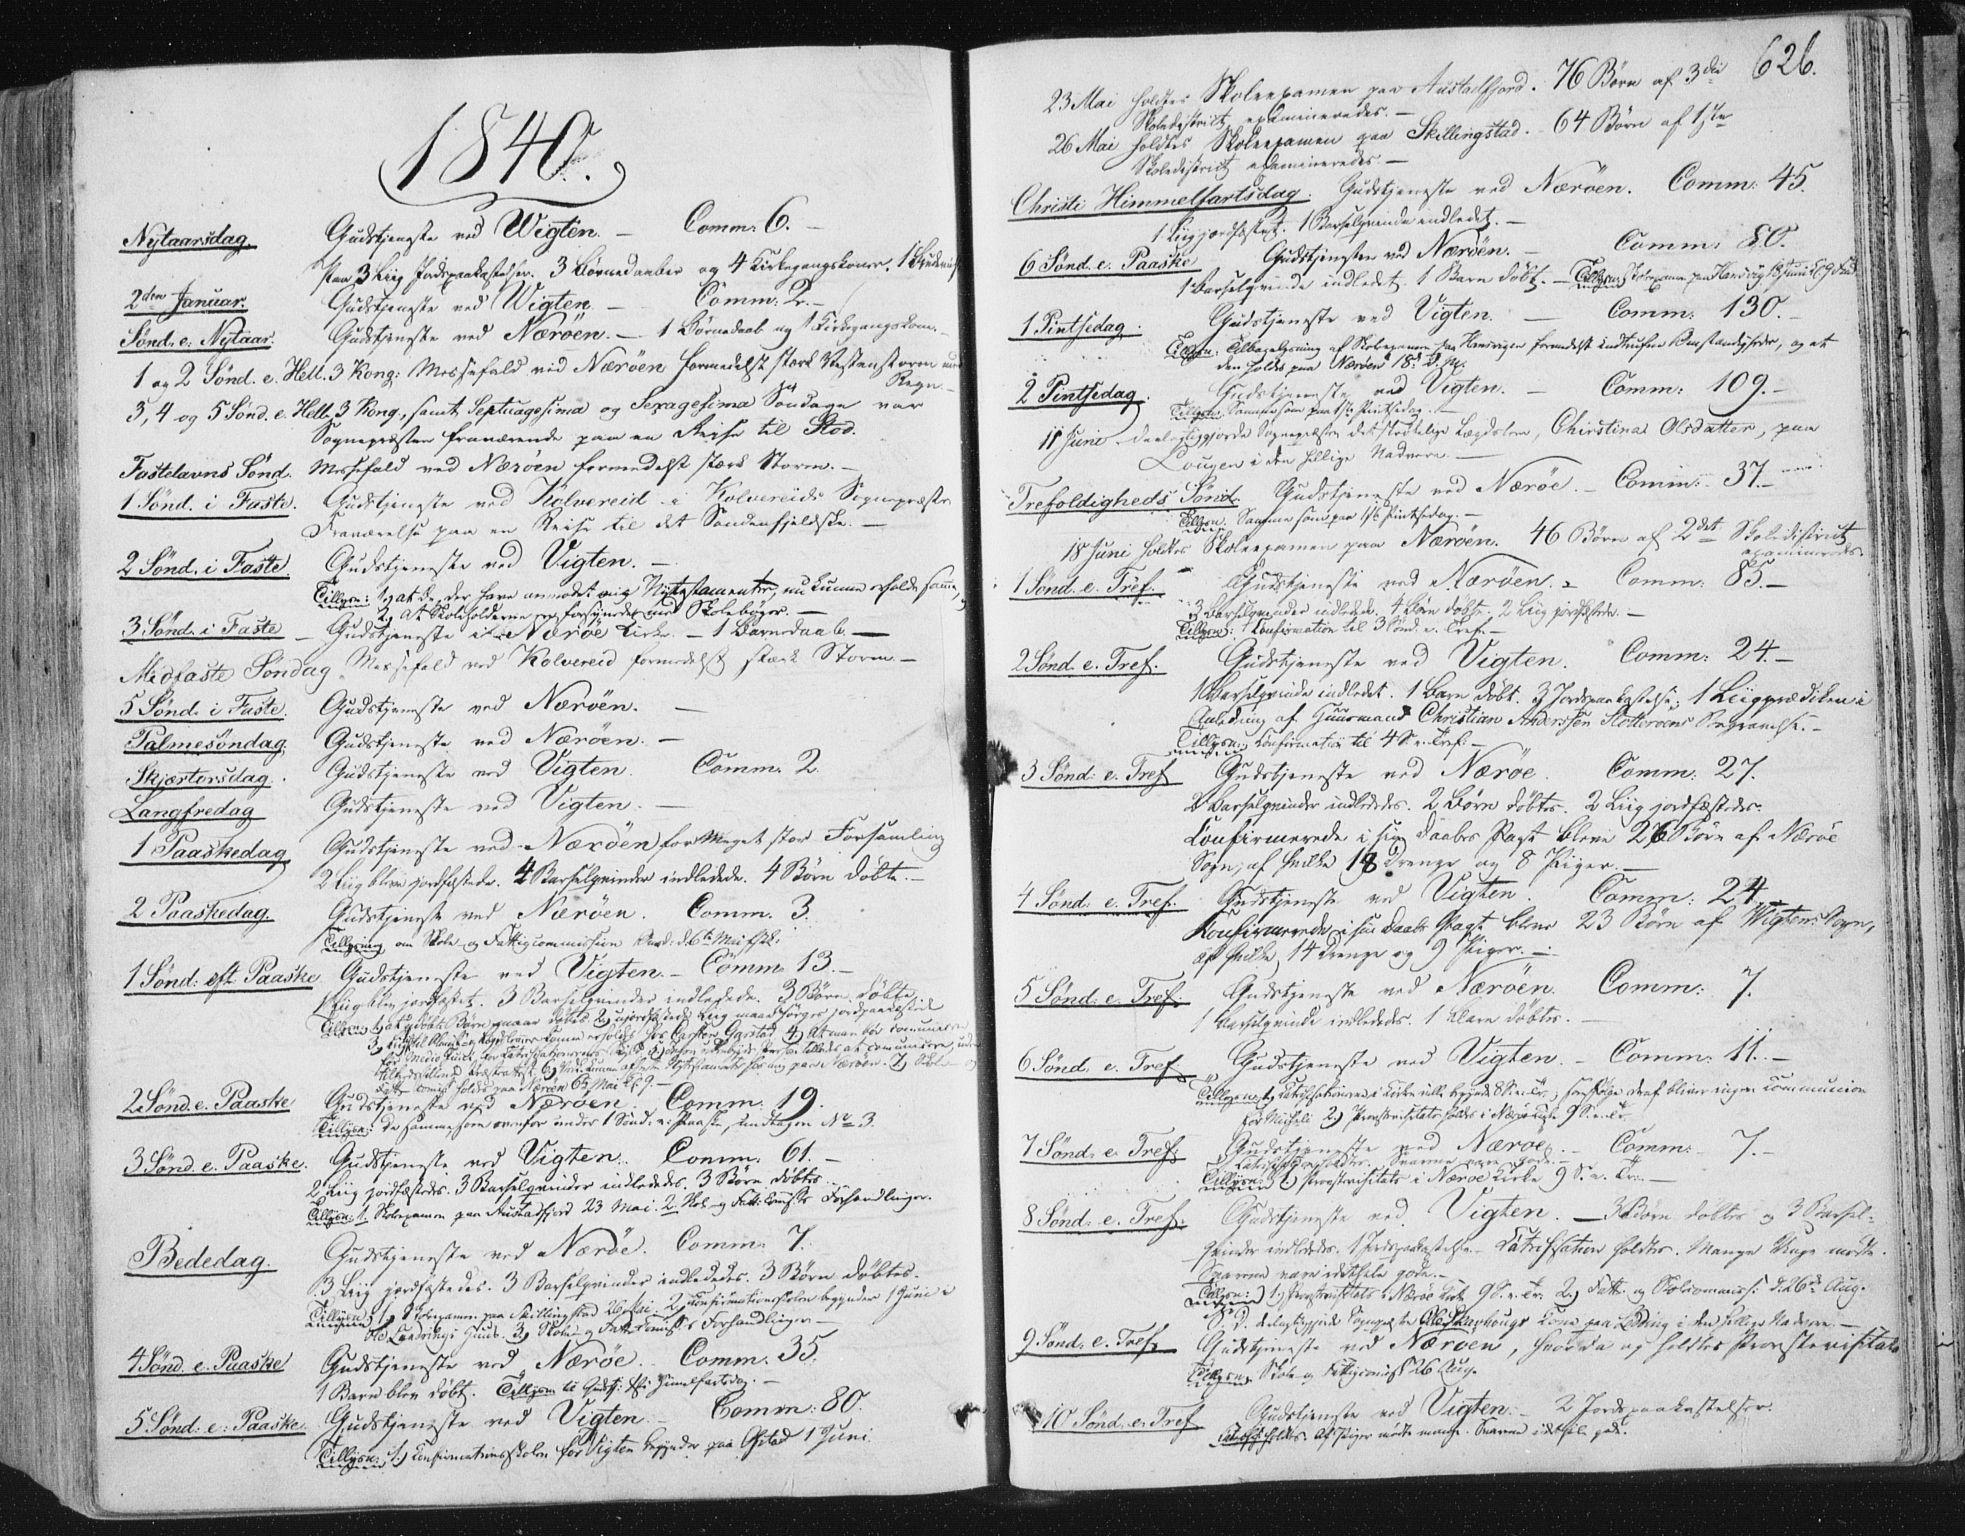 SAT, Ministerialprotokoller, klokkerbøker og fødselsregistre - Nord-Trøndelag, 784/L0669: Ministerialbok nr. 784A04, 1829-1859, s. 626